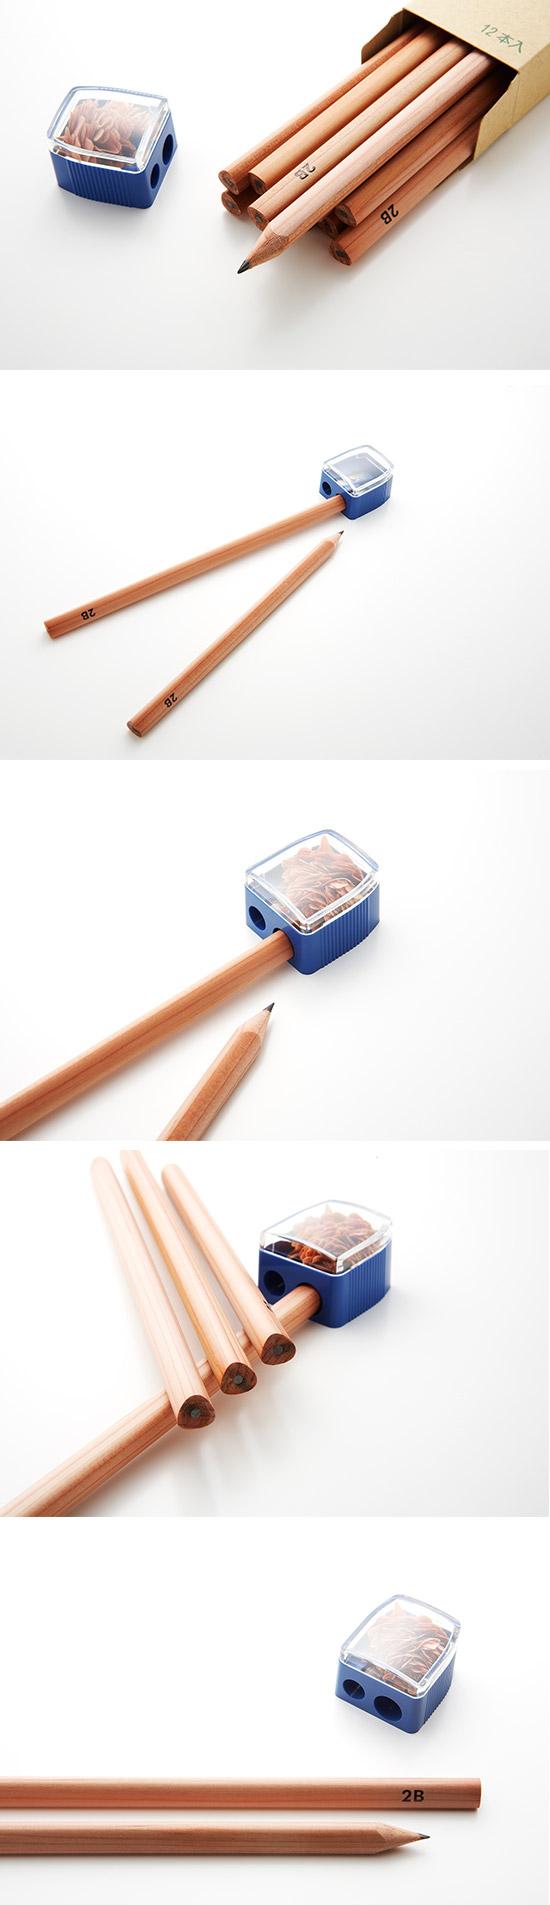 【可雷雕】北星大人鉛筆 大三角原木鉛筆 2B